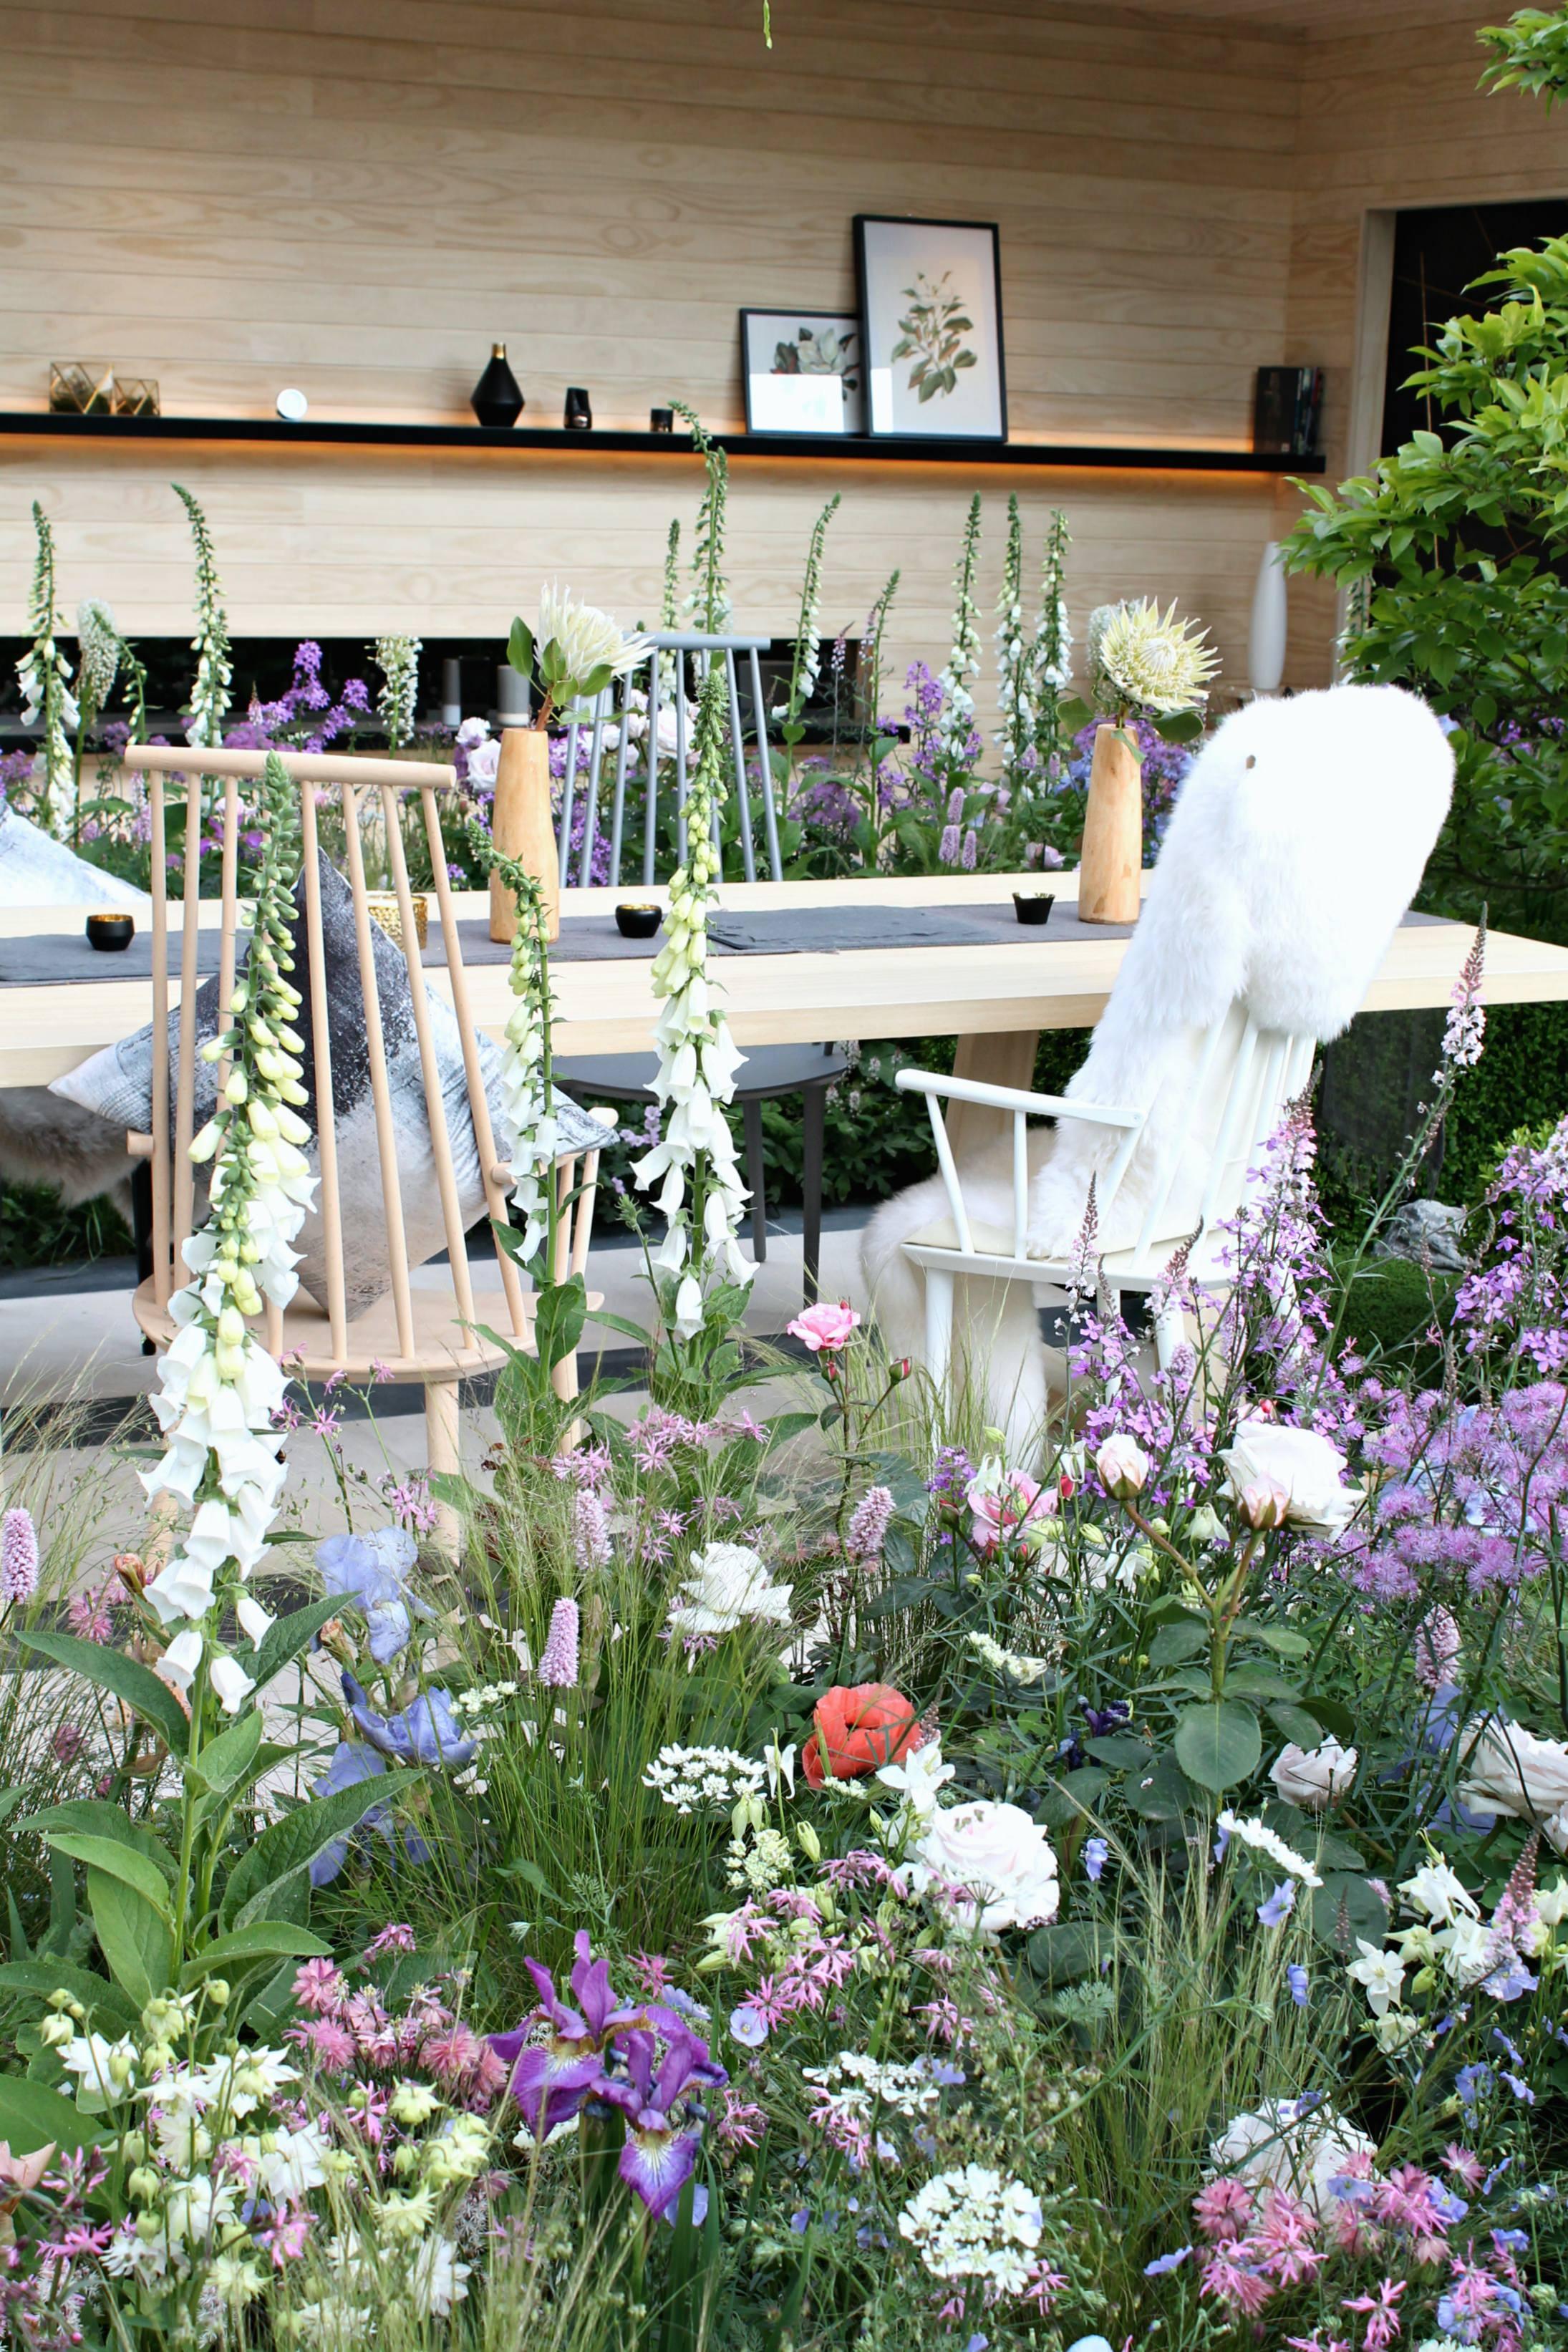 LG-smart-garden-photo-by-Little-Big-Bell